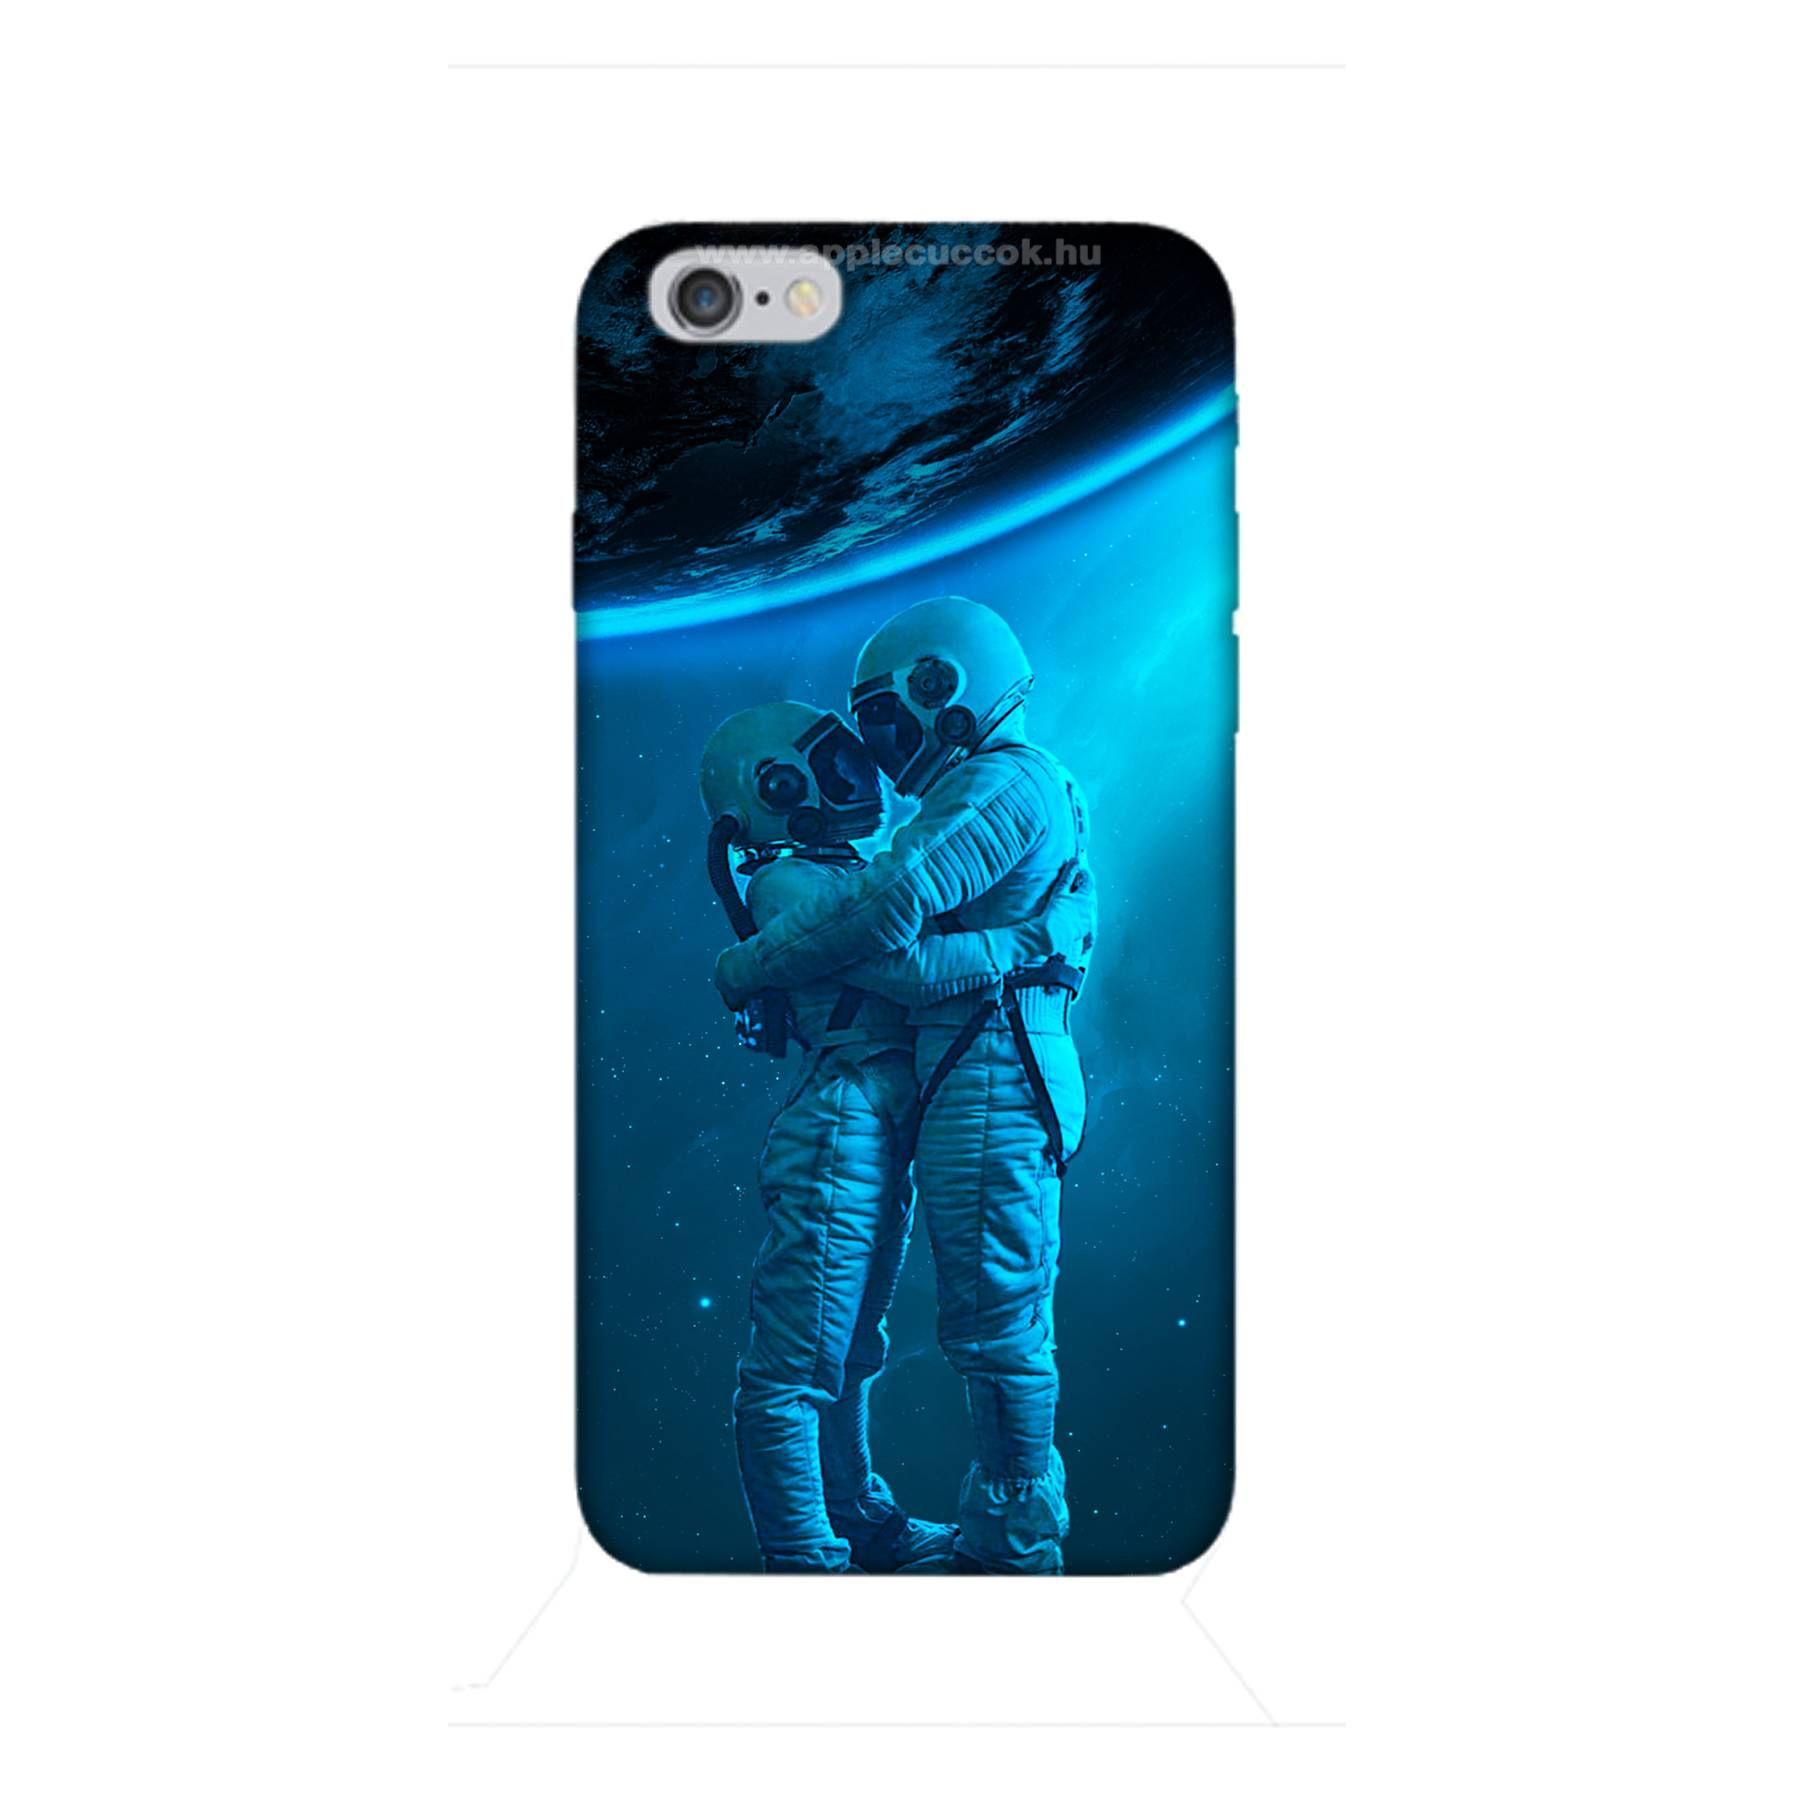 E-pic szilikon védő tok / hátlap - Szerelmes űrhajós pár mintás - APPLE iPhone 6s